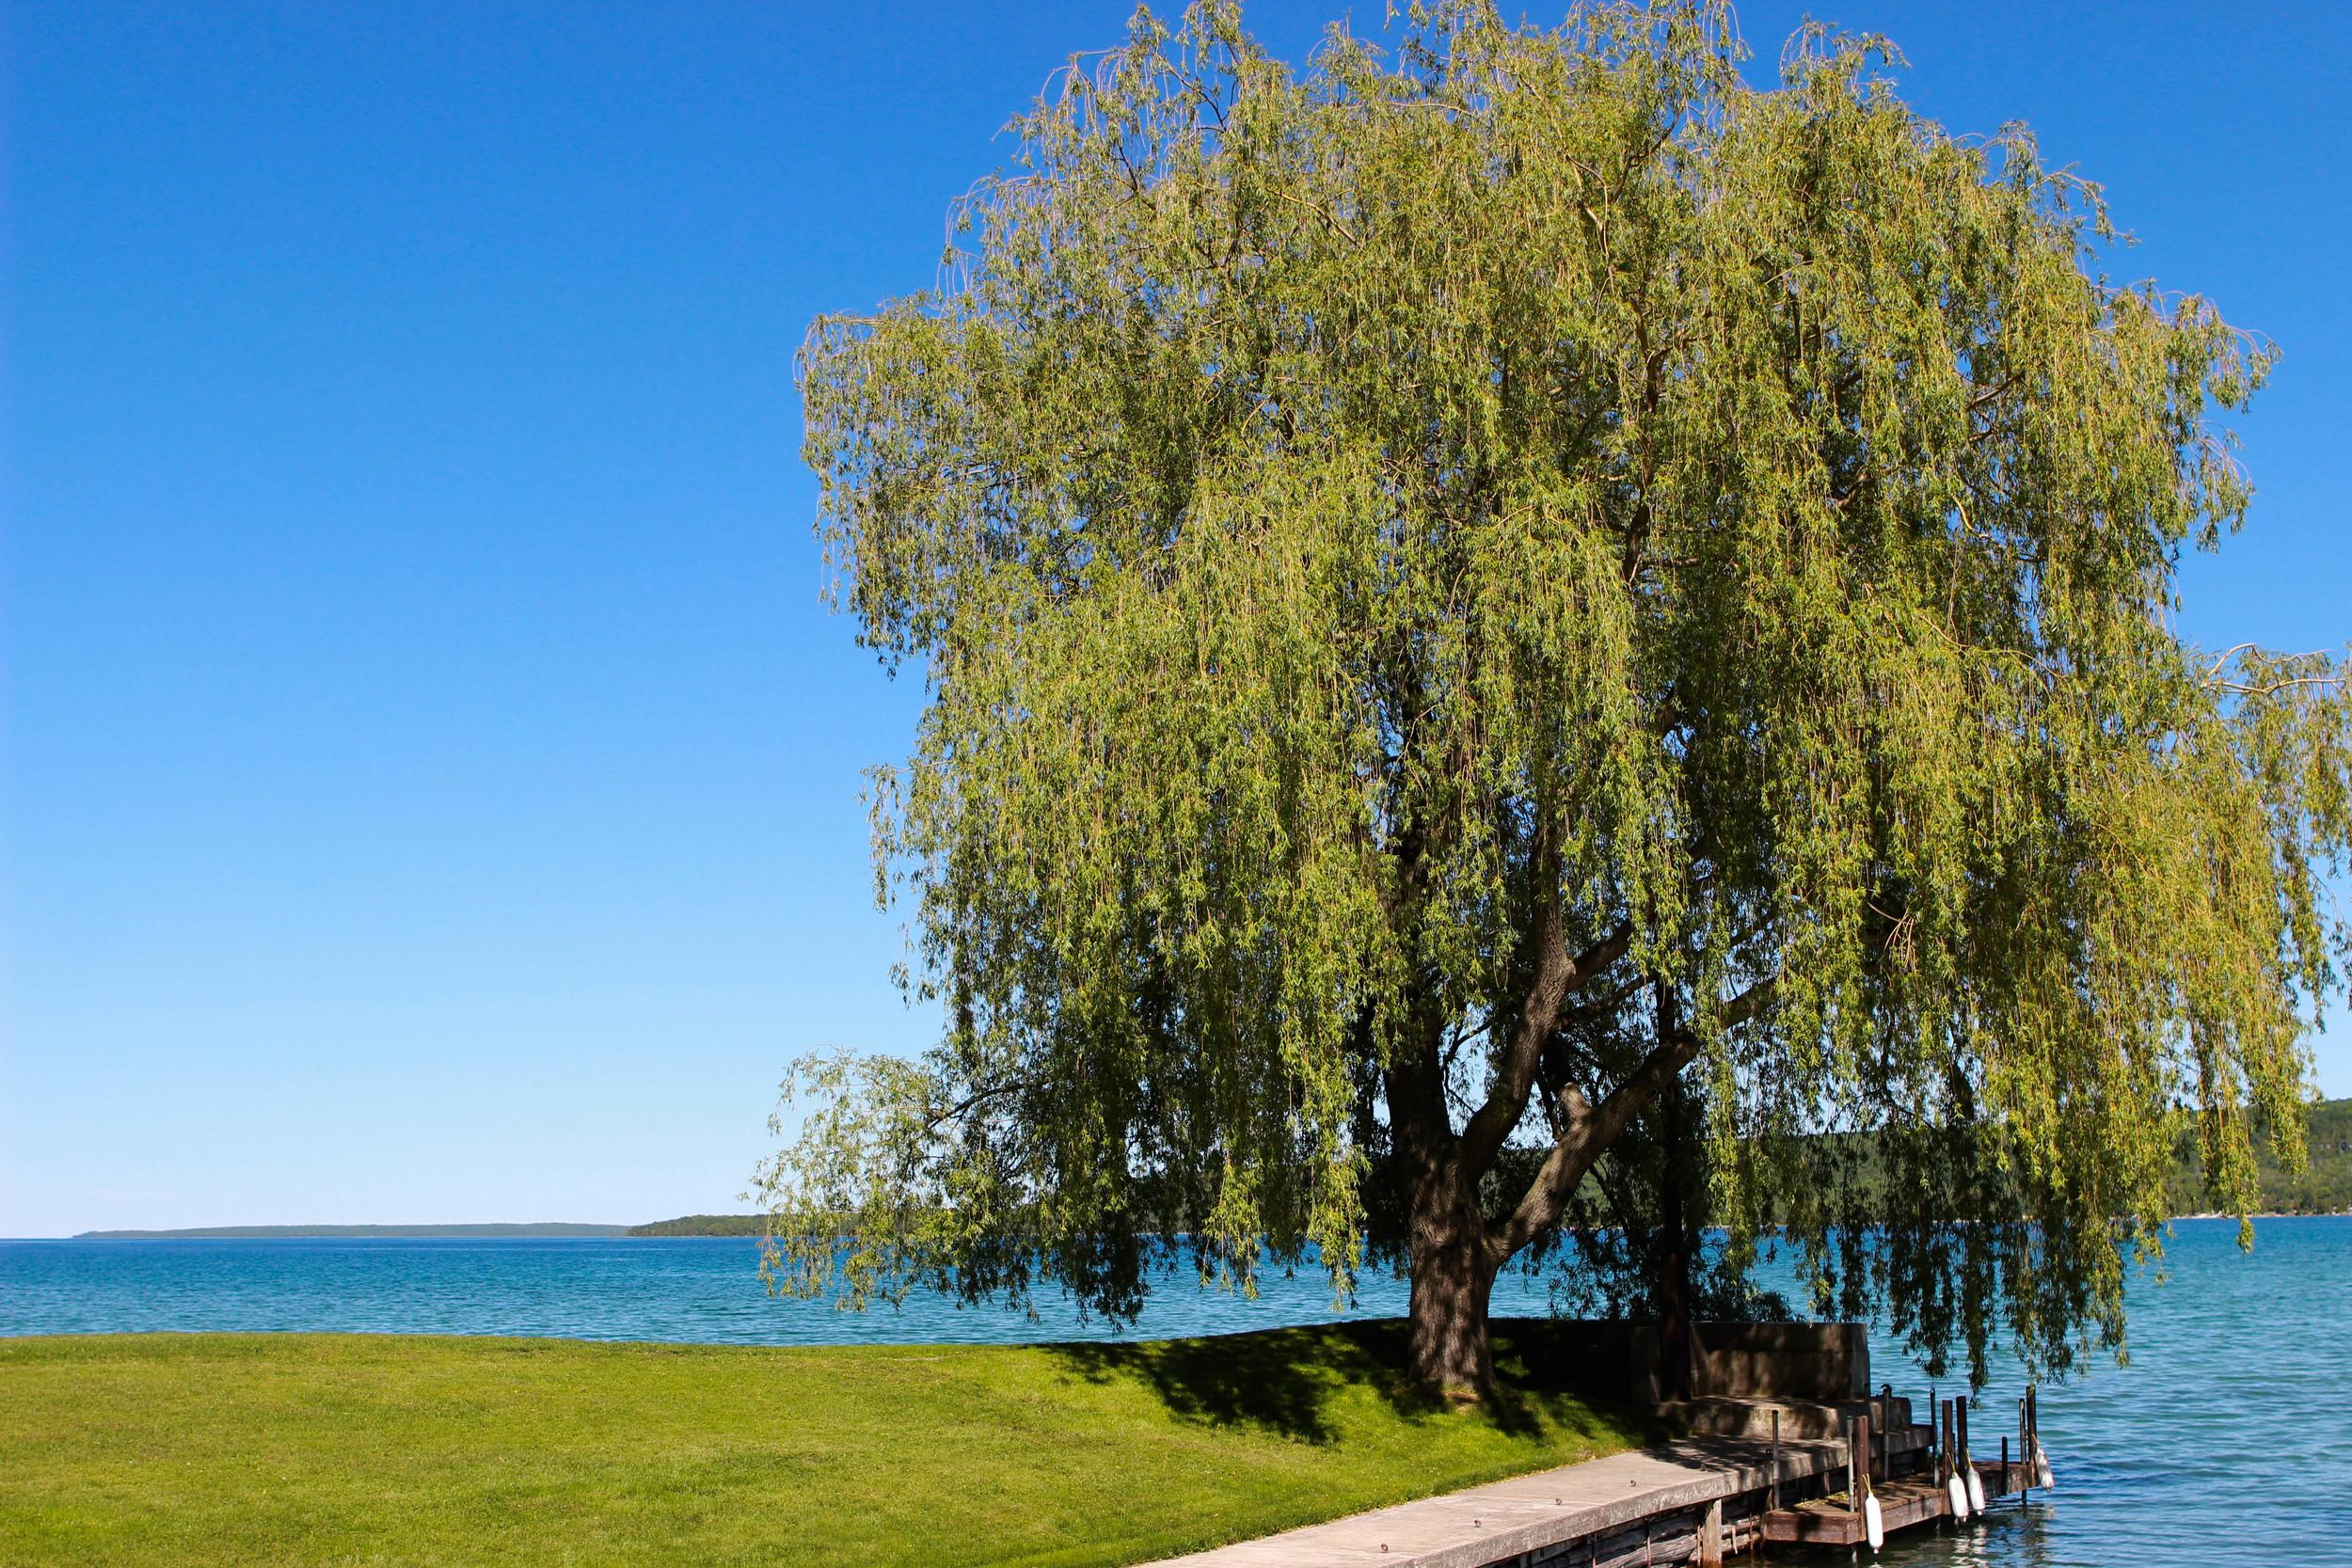 Tree | Hope Bay | Owen Sound, Canada - Jess Rudolph Photography: www.jessrudolph.com